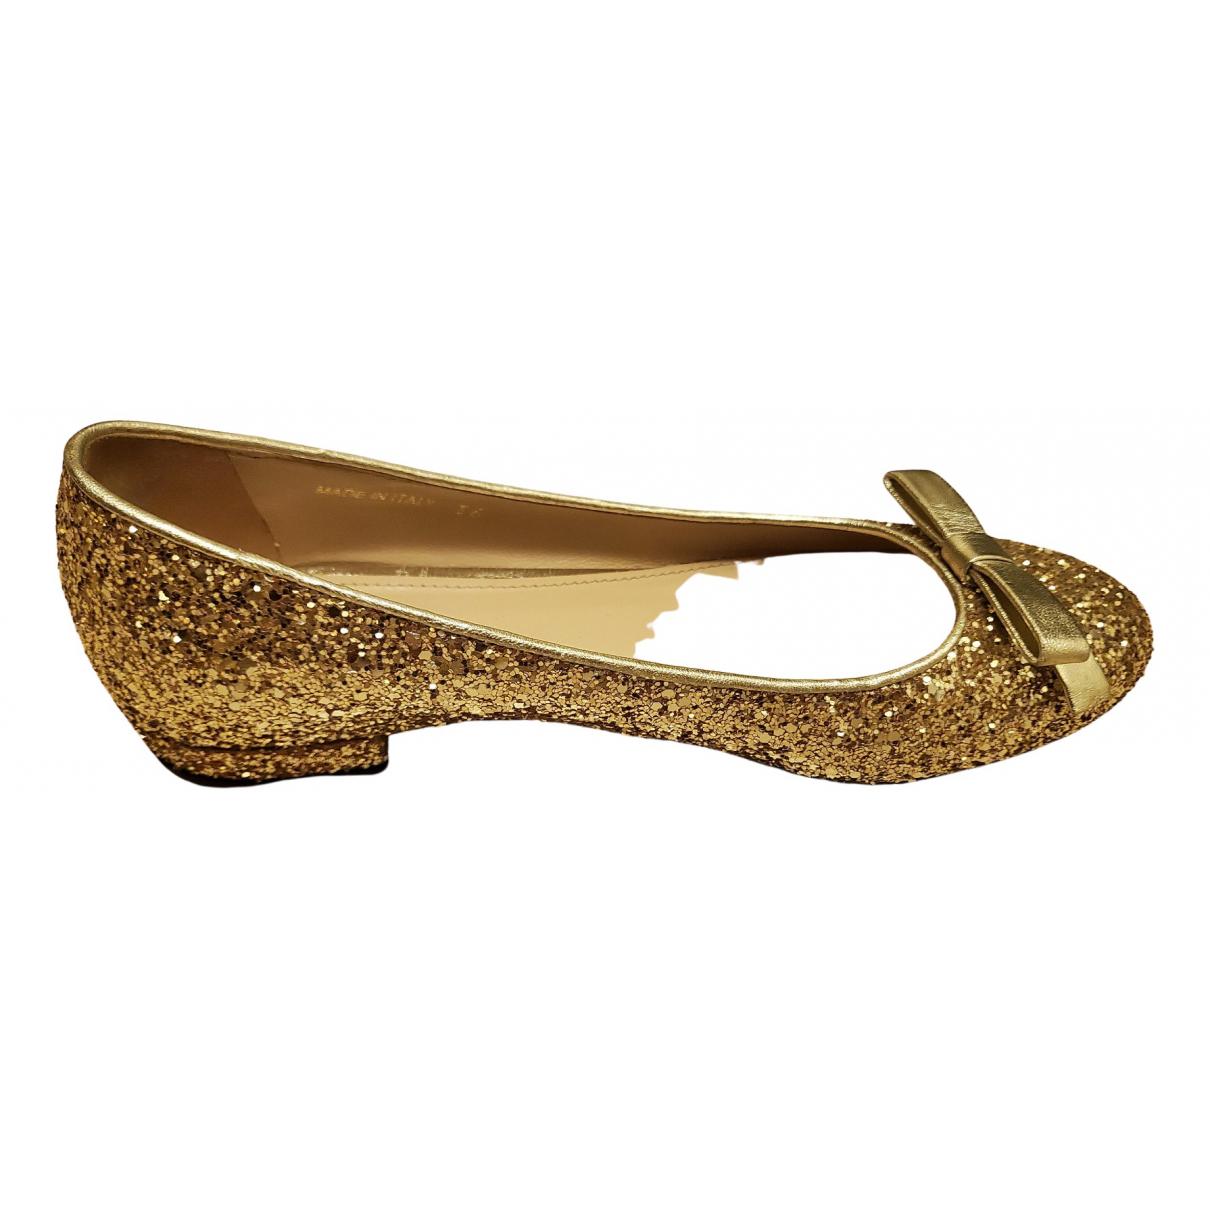 Miu Miu \N Ballerinas in  Gold Mit Pailletten